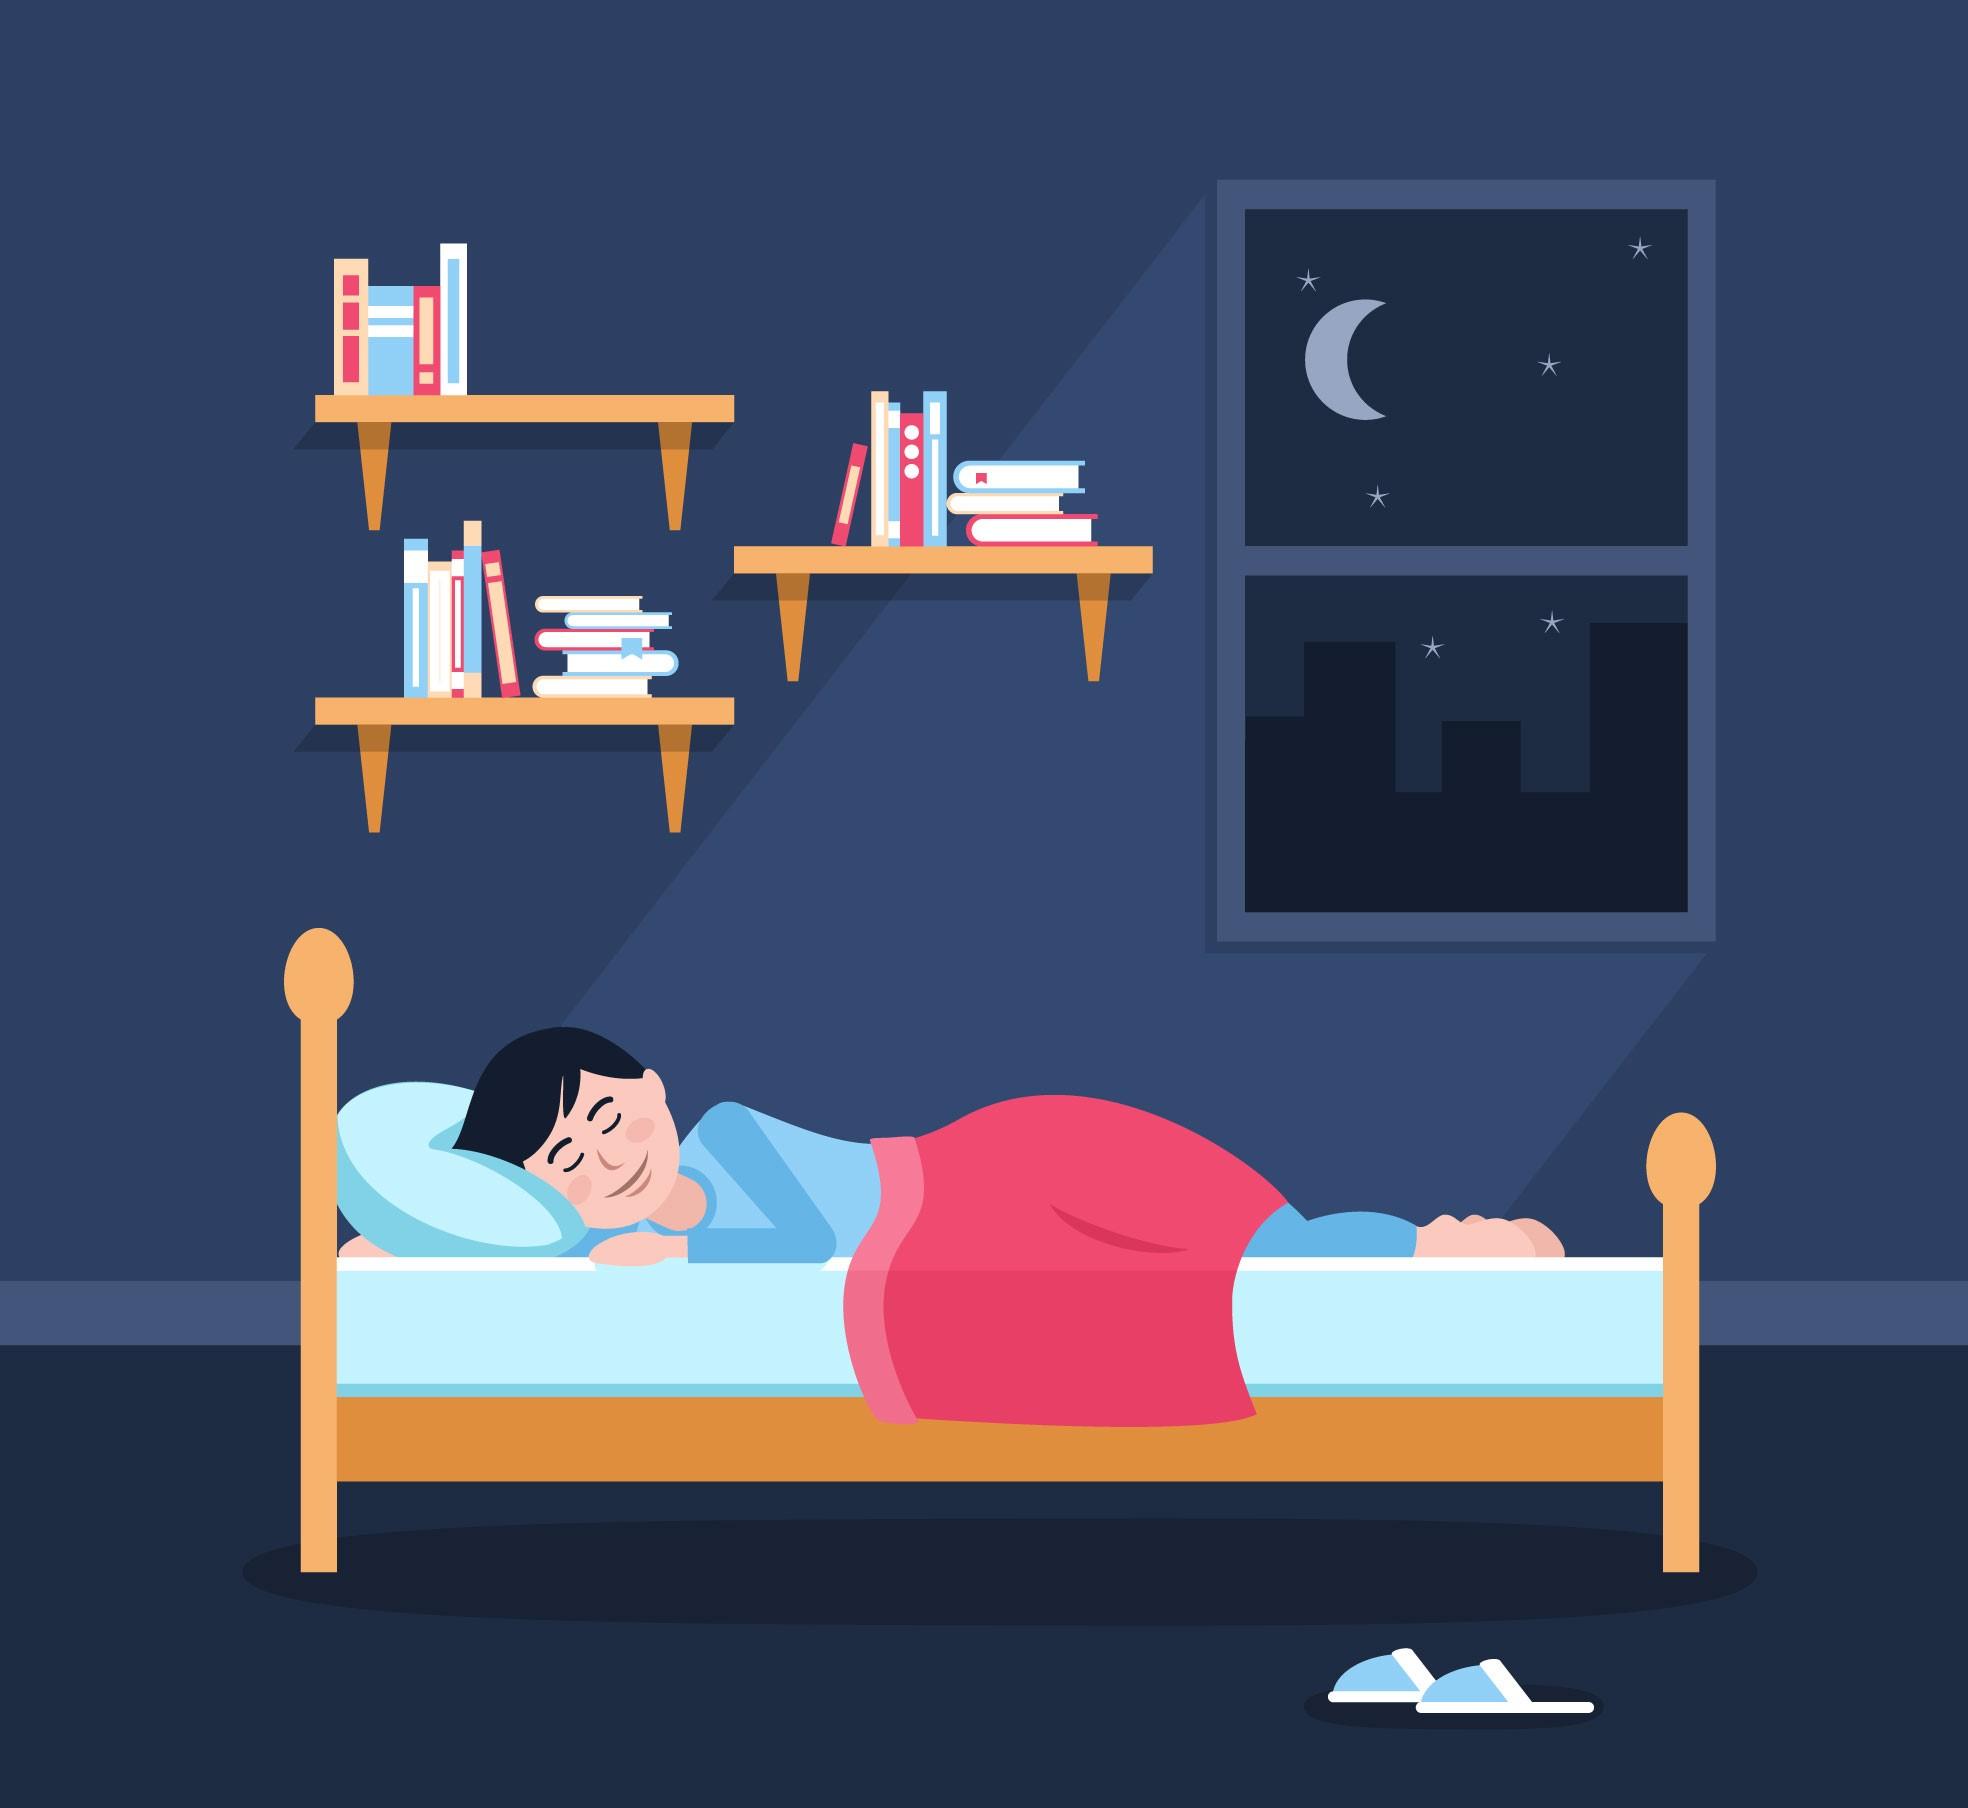 خوابها هرگز به شما دروغ نمیگویند